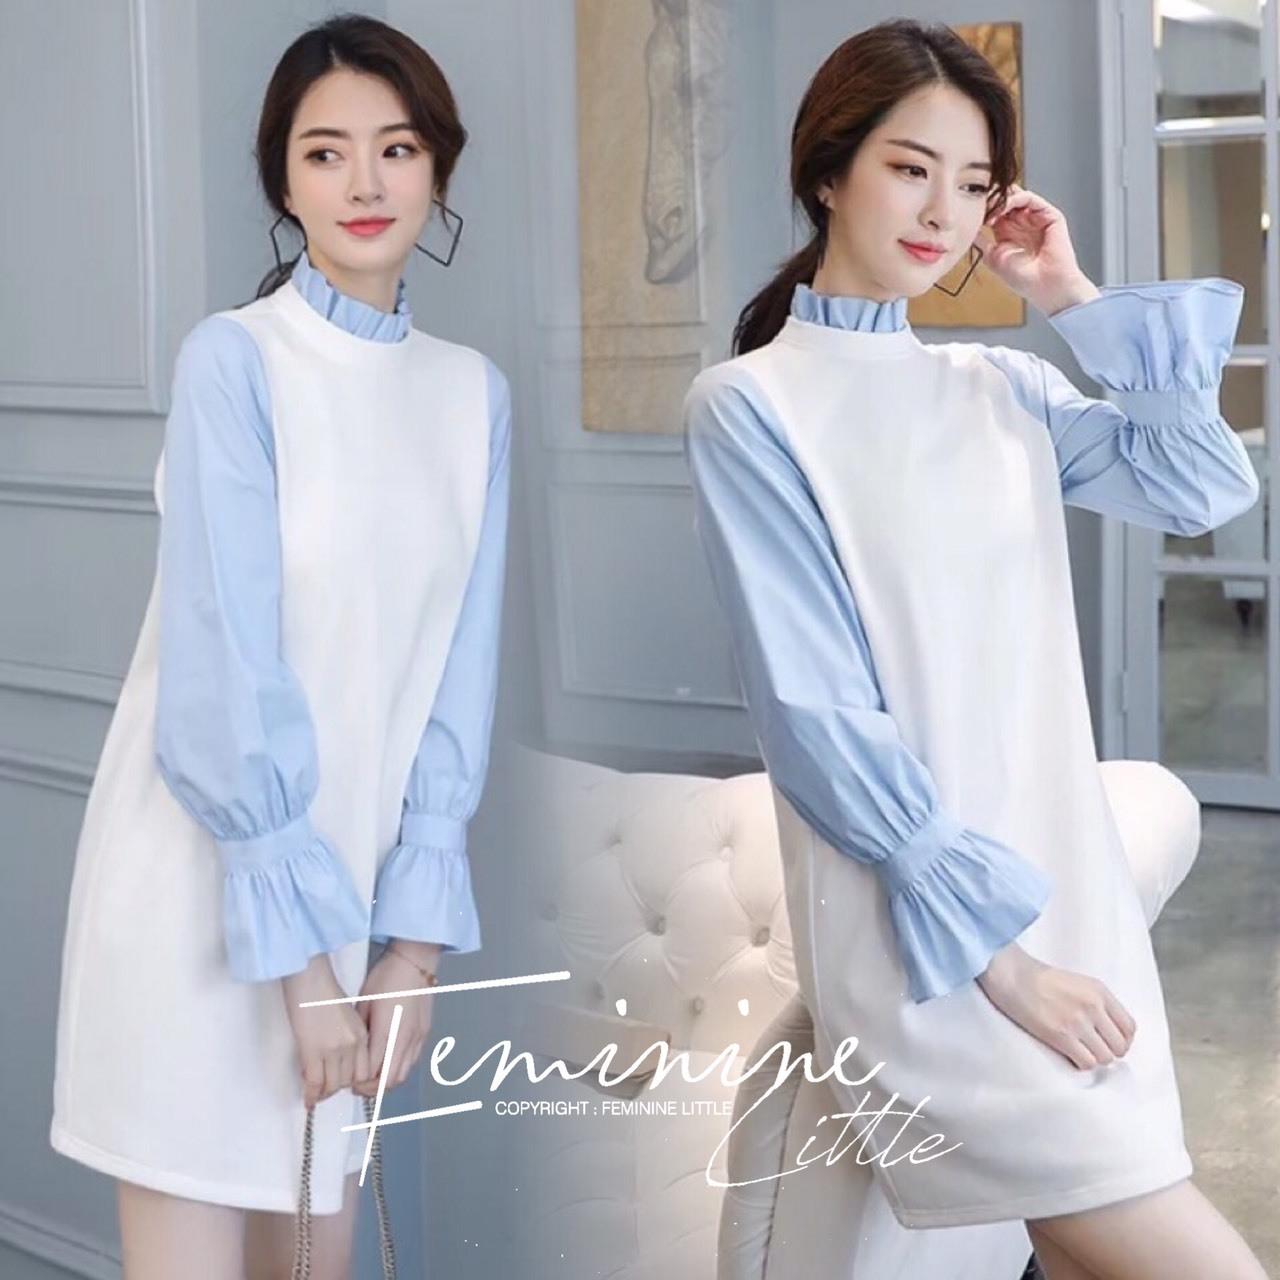 ชุดเดรสเกาหลี พร้อมส่ง เดรสผ้าไหมพรม ทรงสวย